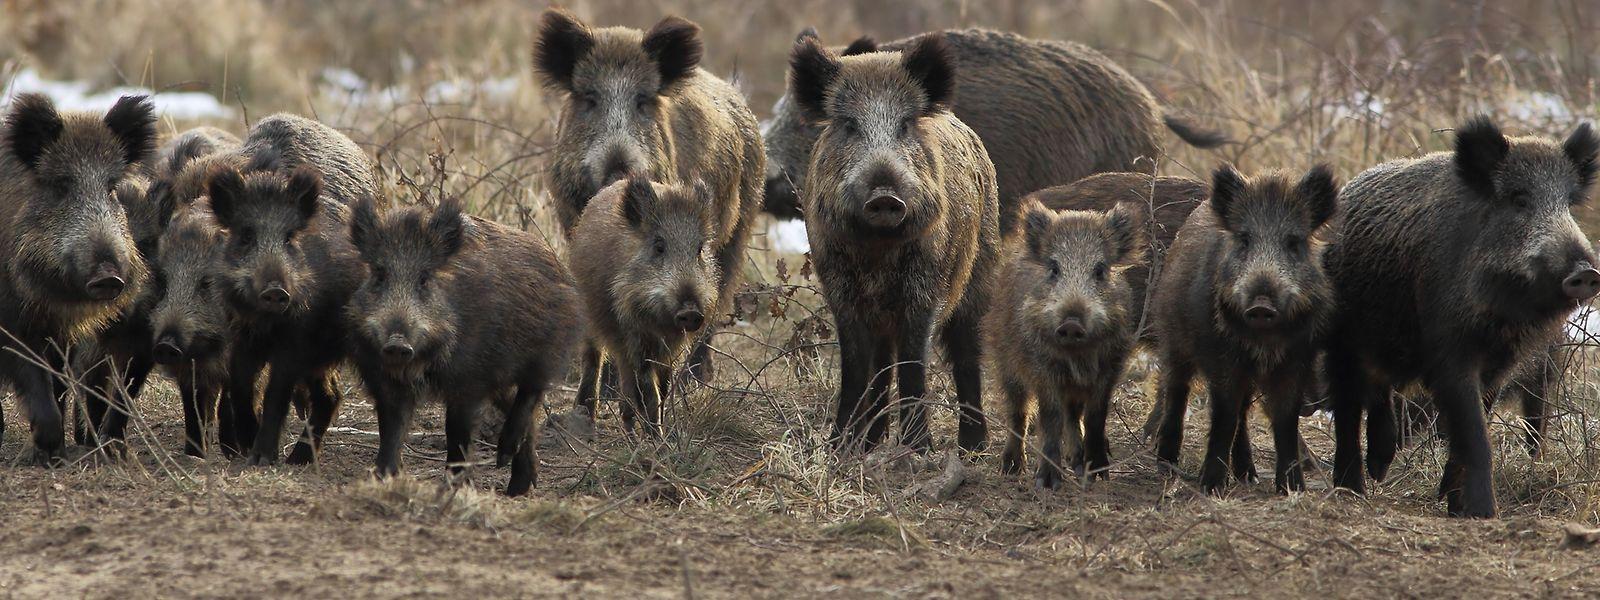 Infizierte Wild- und Hausschweine sterben meist innerhalb weniger Tage an der Krankheit.